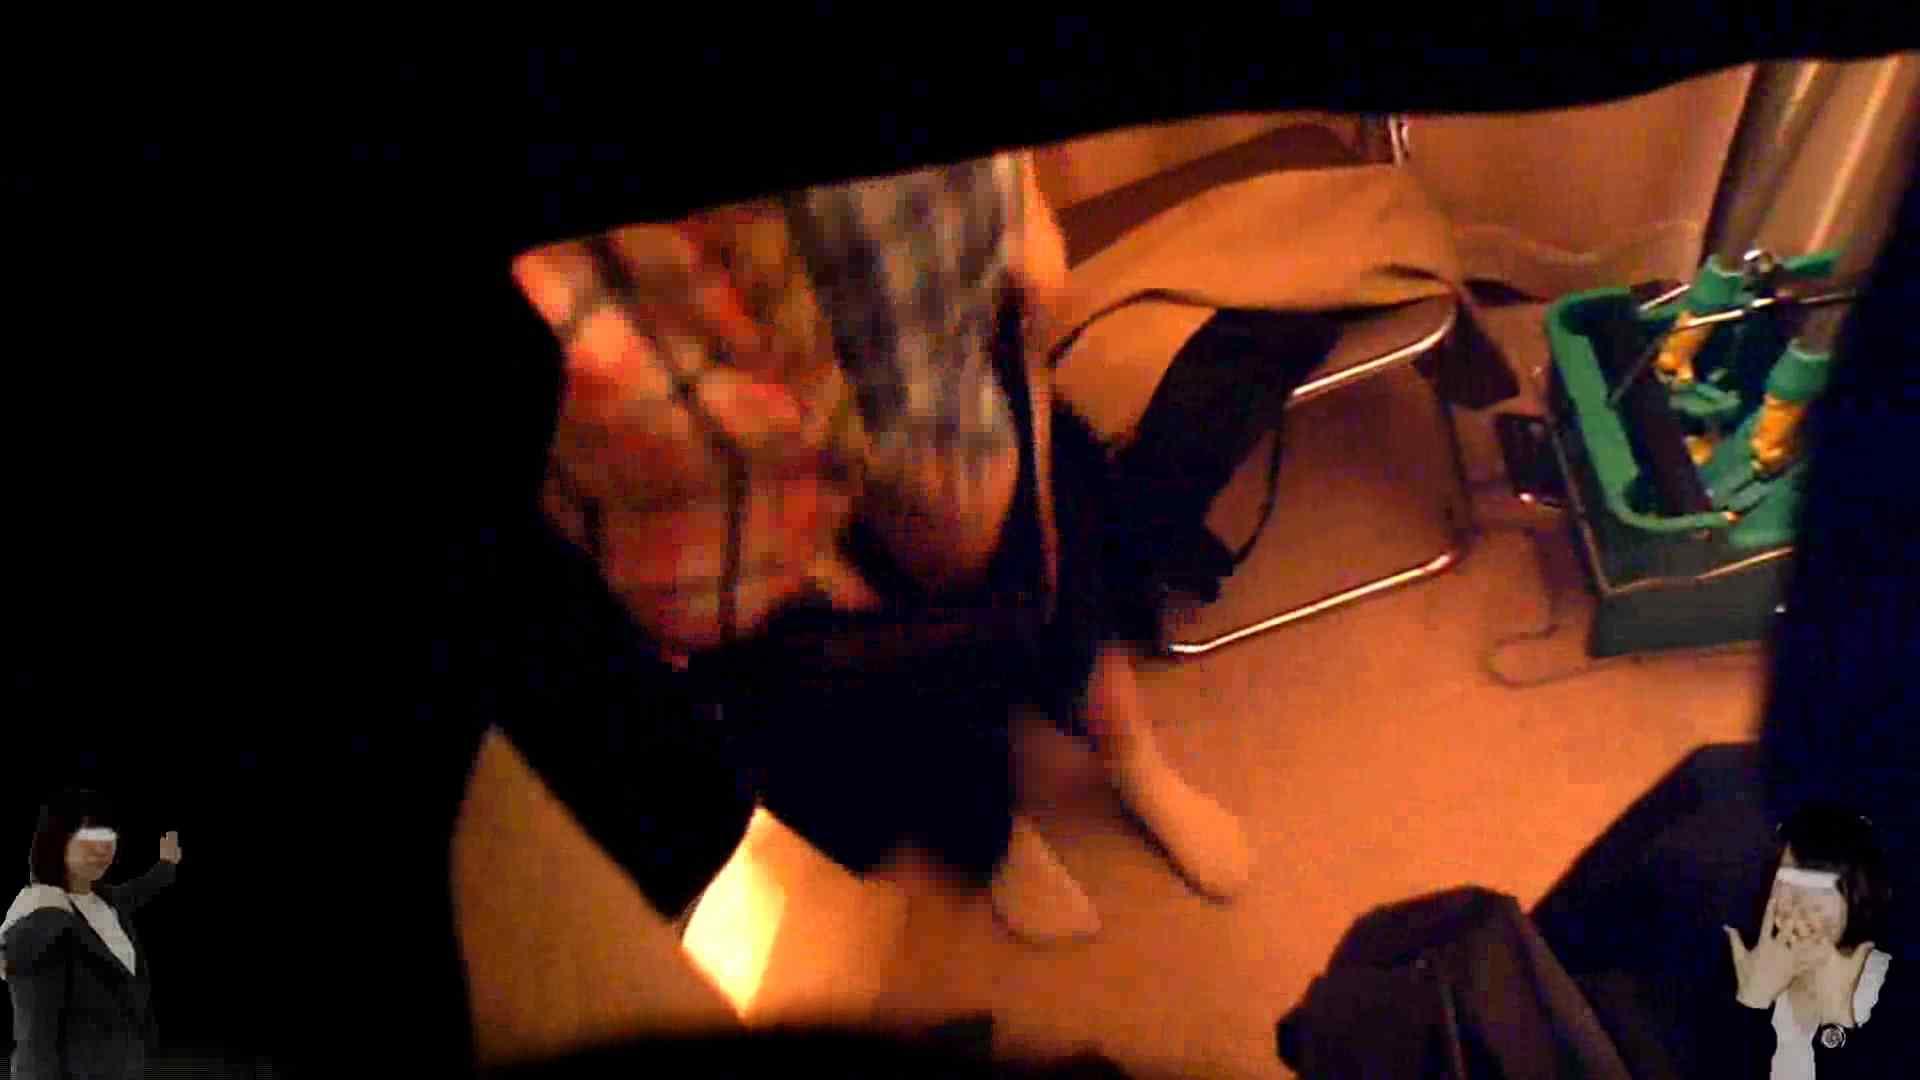 素人投稿 現役「JD」Eちゃんの着替え Vol.04 着替え おまんこ動画流出 107pic 67